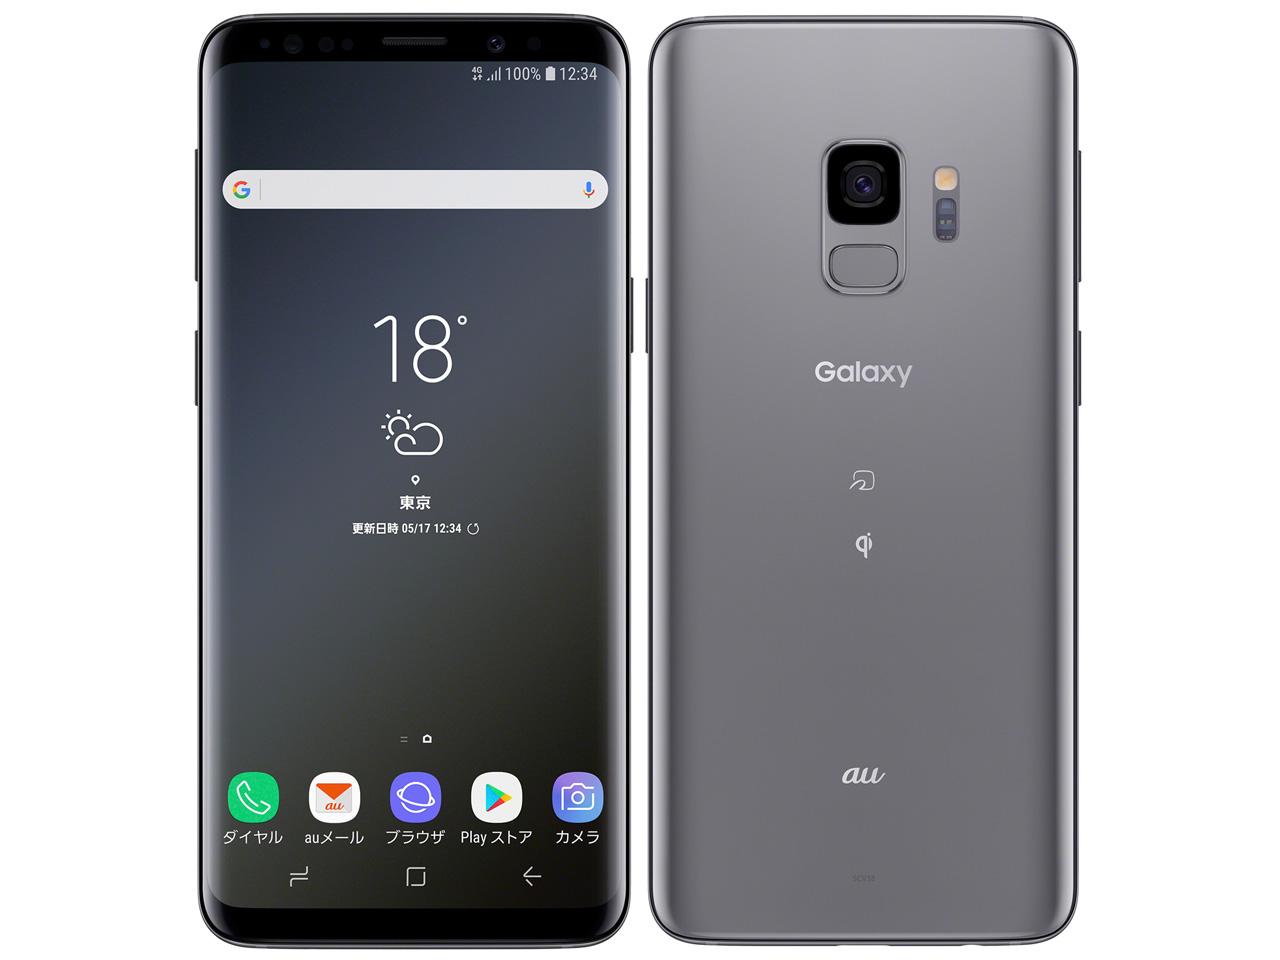 【1000円クーポン配布中!】中古スマートフォンSAMSUNG Galaxy S9 au(エーユー) チタニウムグレー SCV38/T 【中古】 SAMSUNG Galaxy S9 中古スマートフォンクアッドコア Android8.0 SAMSUNG Ga